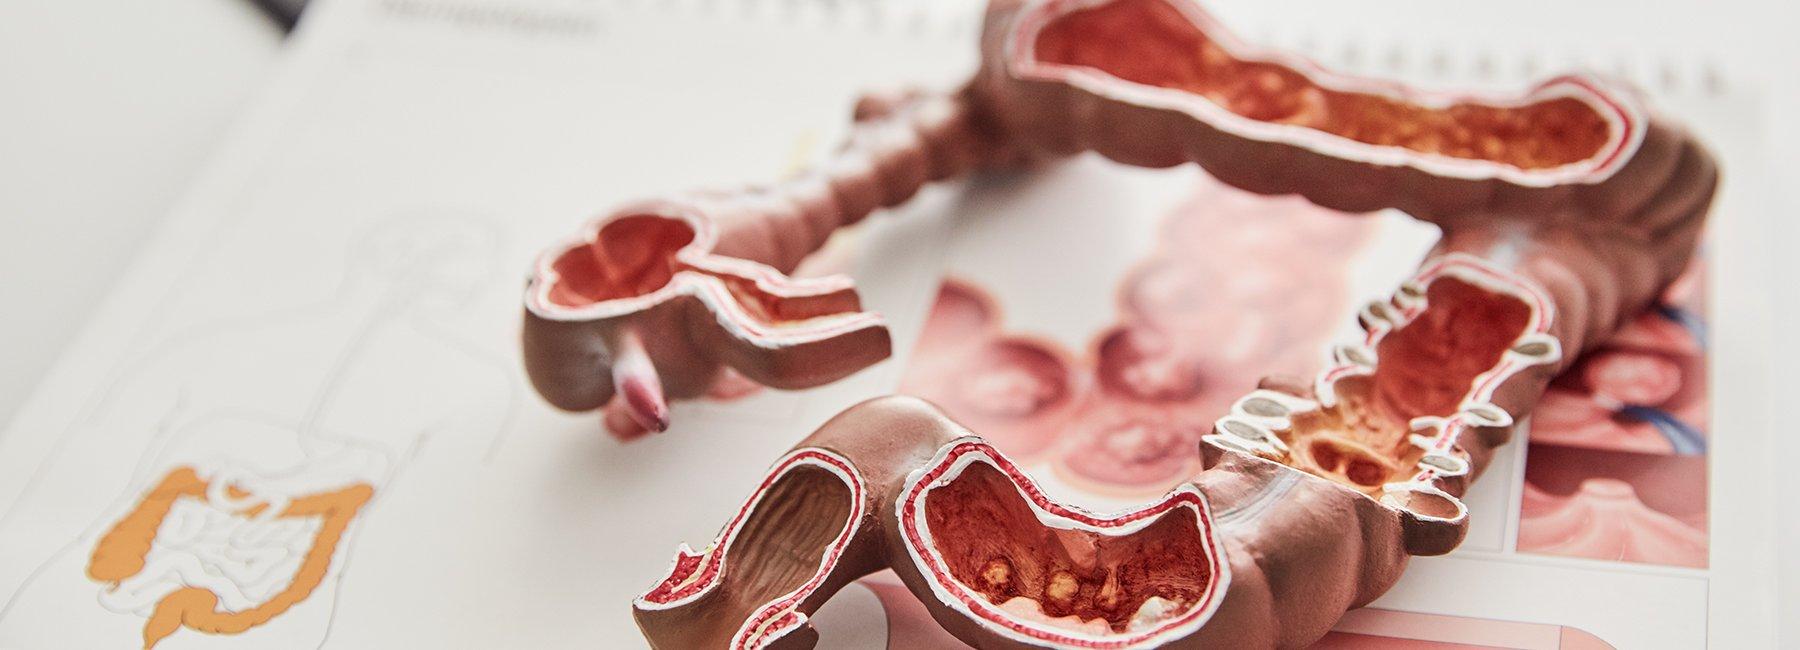 Proktologie - Gastroenterologie Fontenay